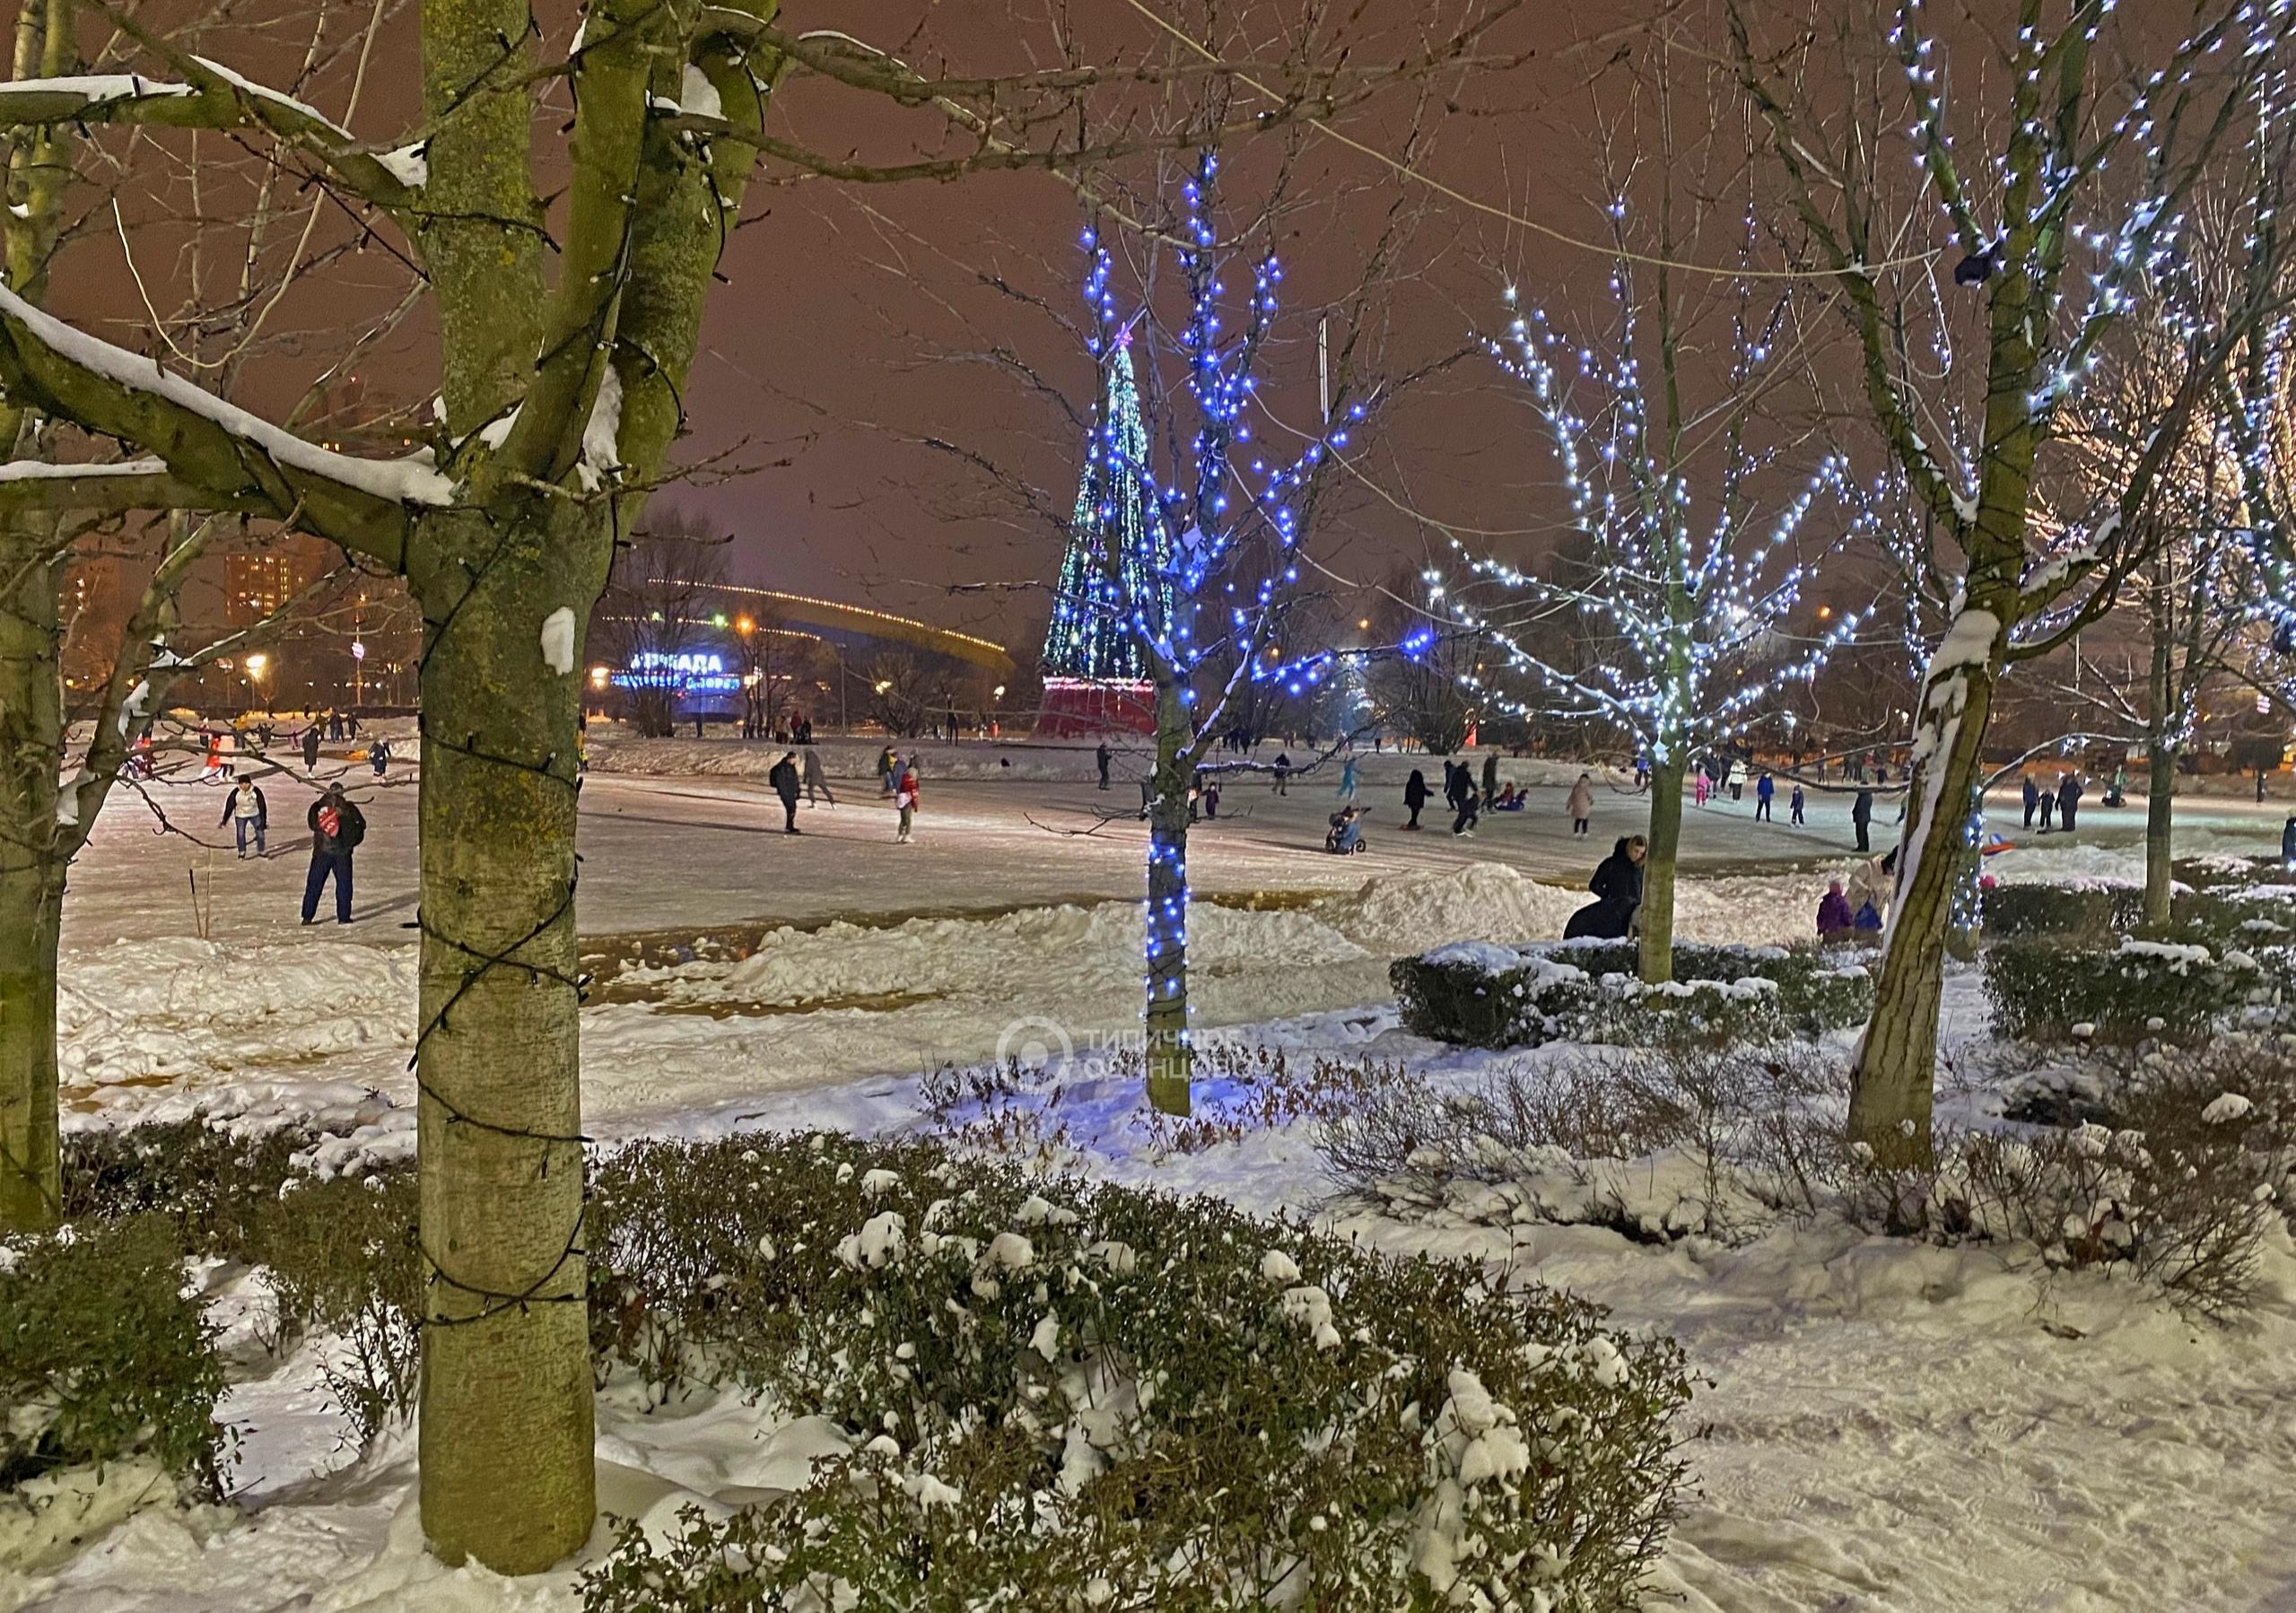 Оцените новогодние развлечения и декорации на Центральной площади по 5-балльной шкале